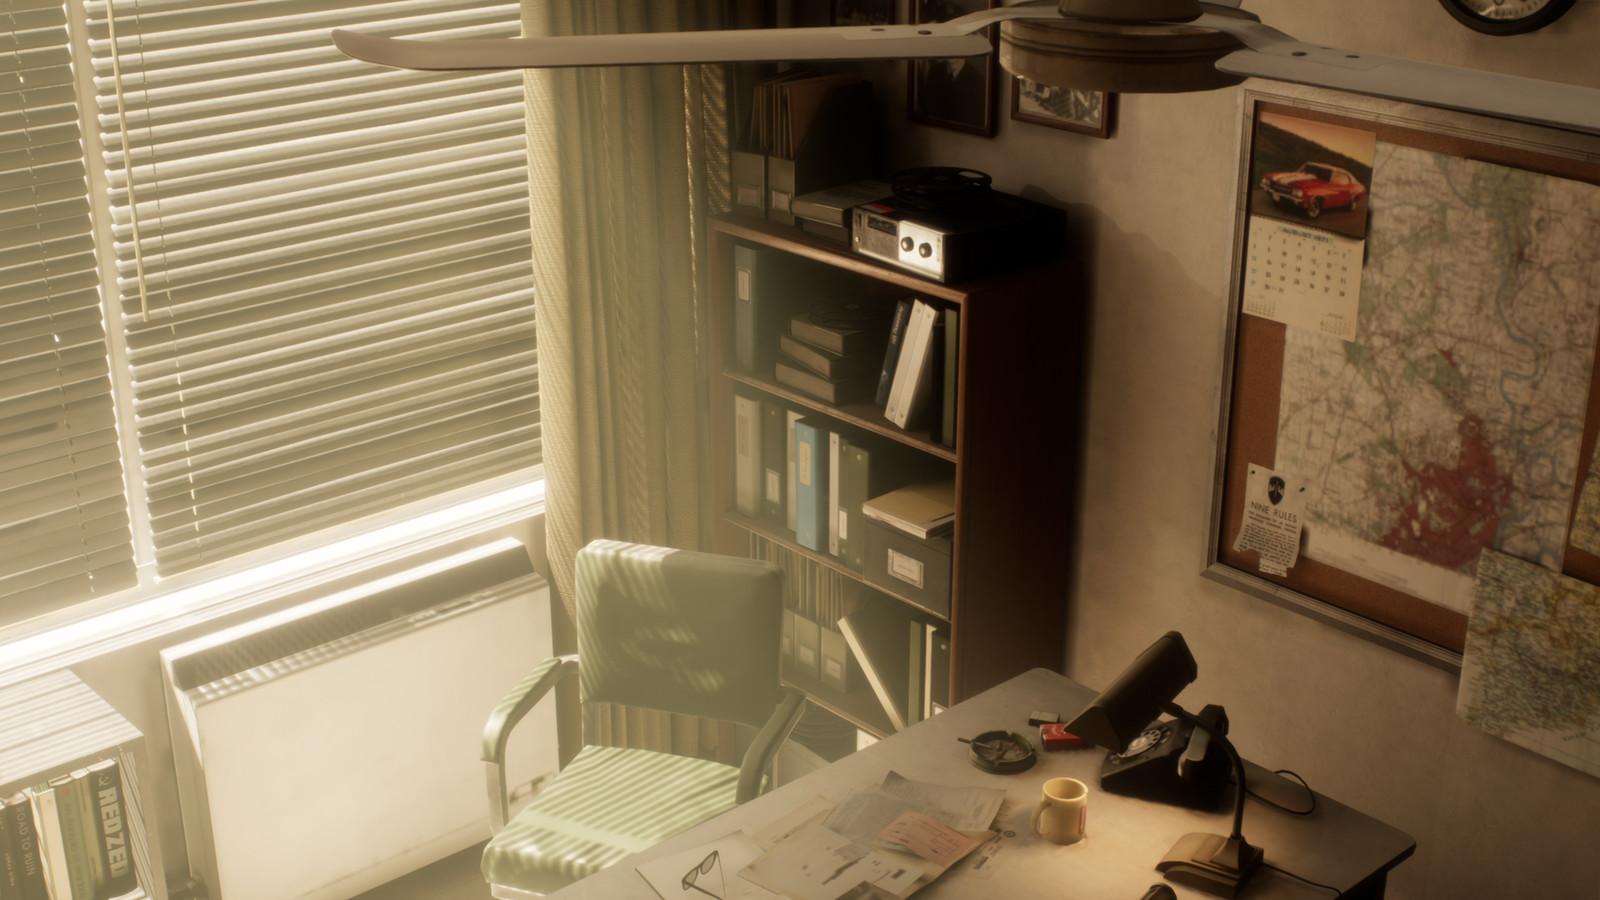 Deputy's Office breakdown